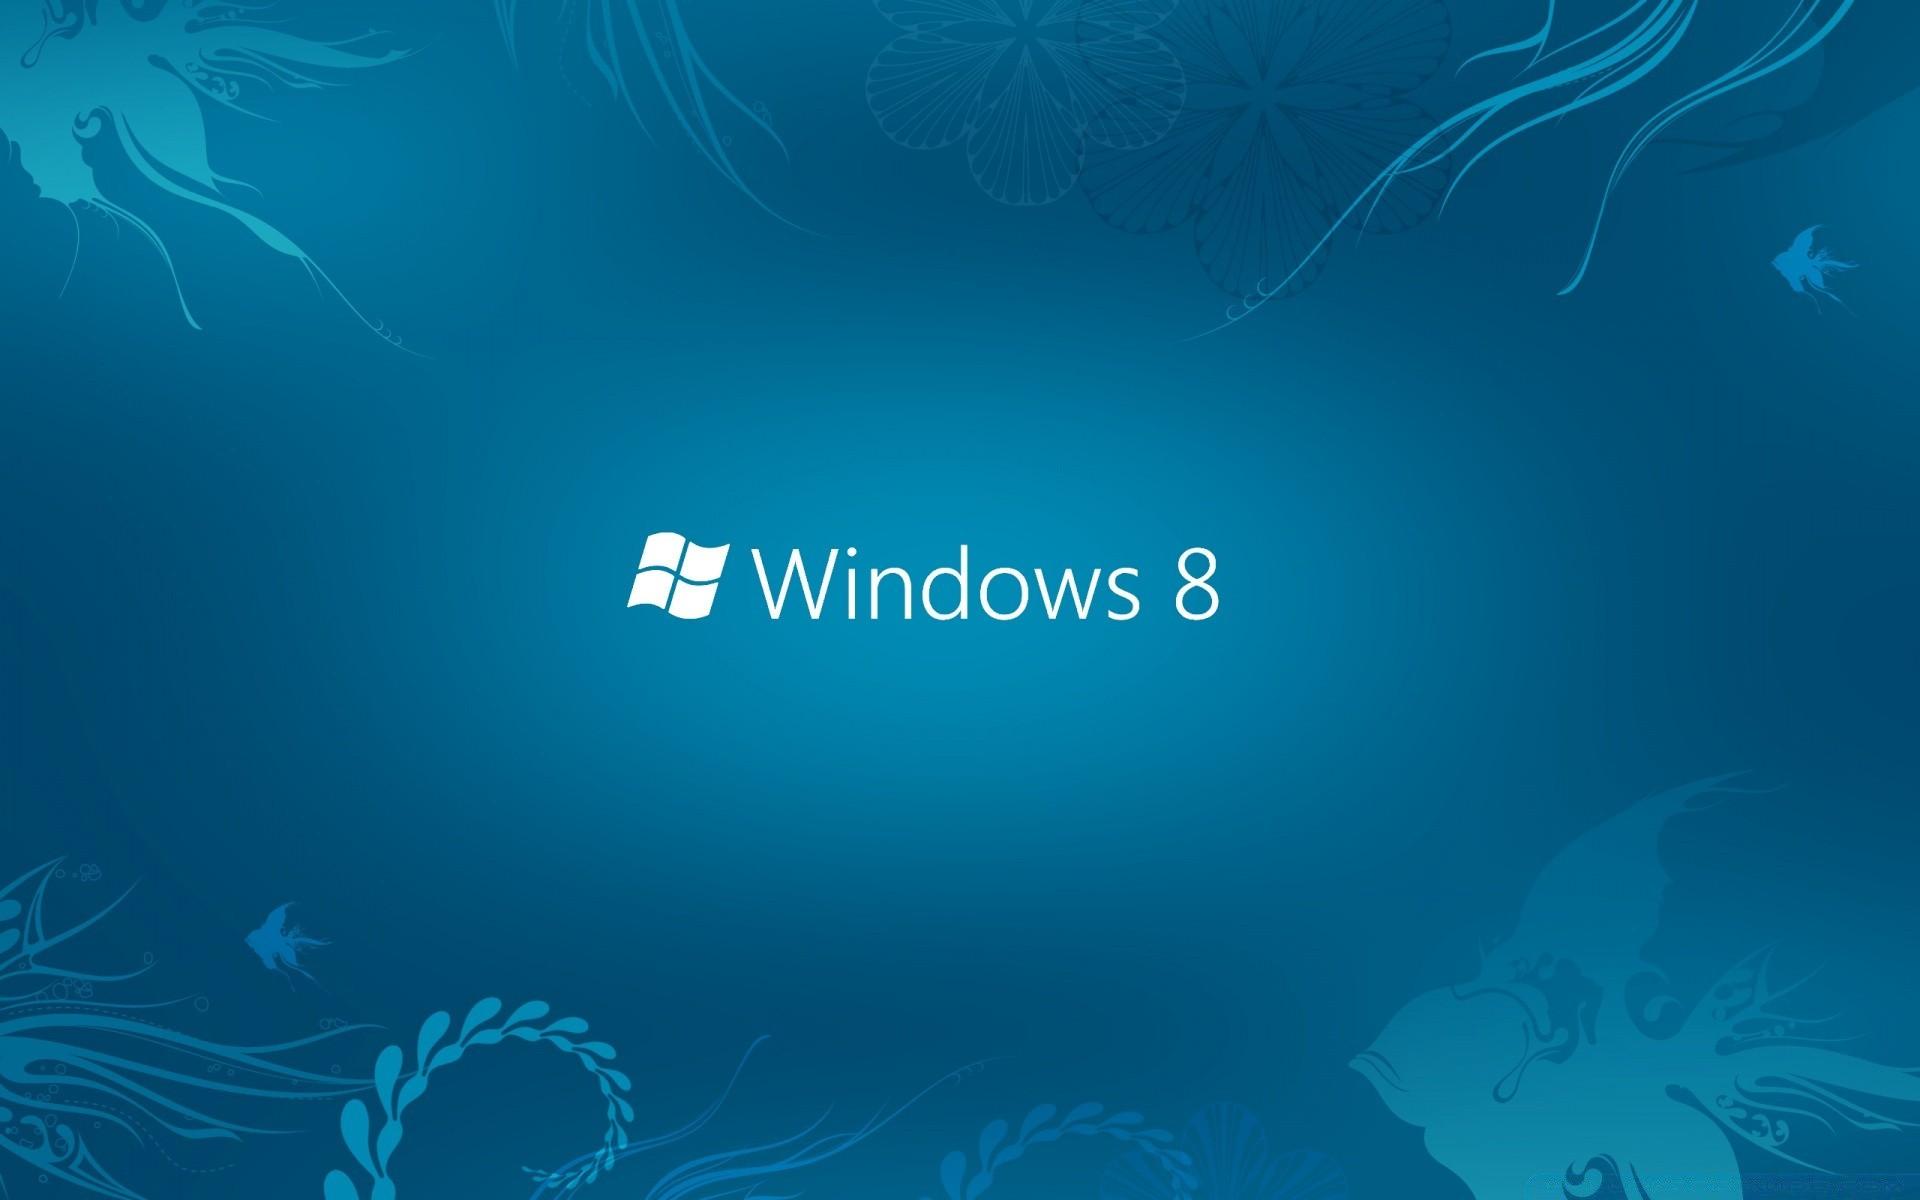 Меняющиеся обои для рабочего стола для windows 8 9